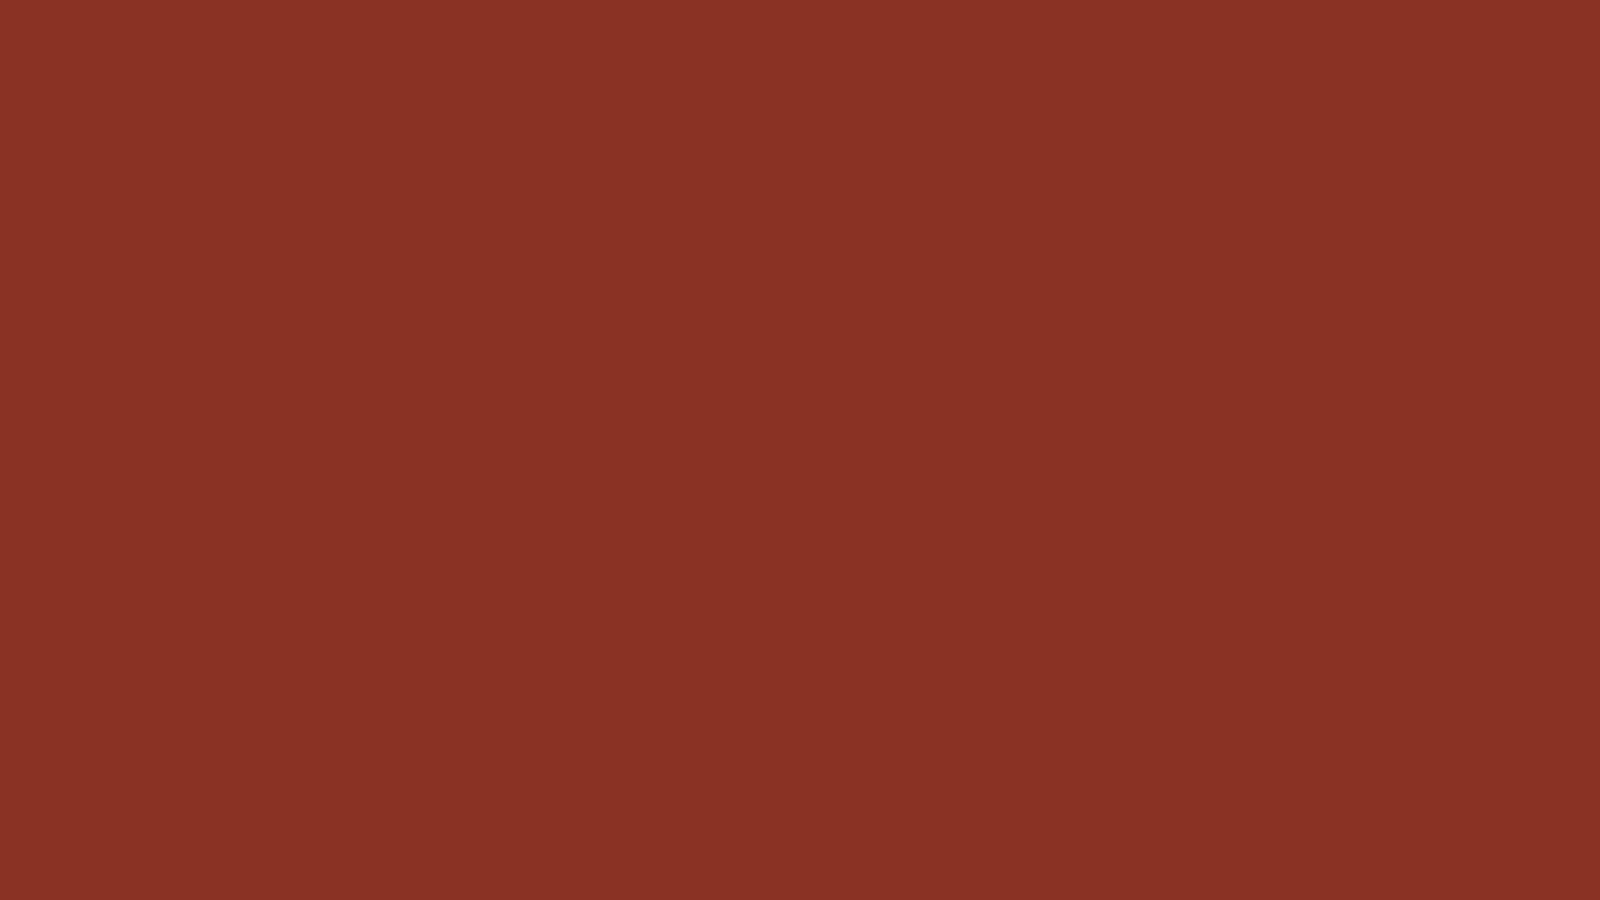 1600x900 Burnt Umber Solid Color Background